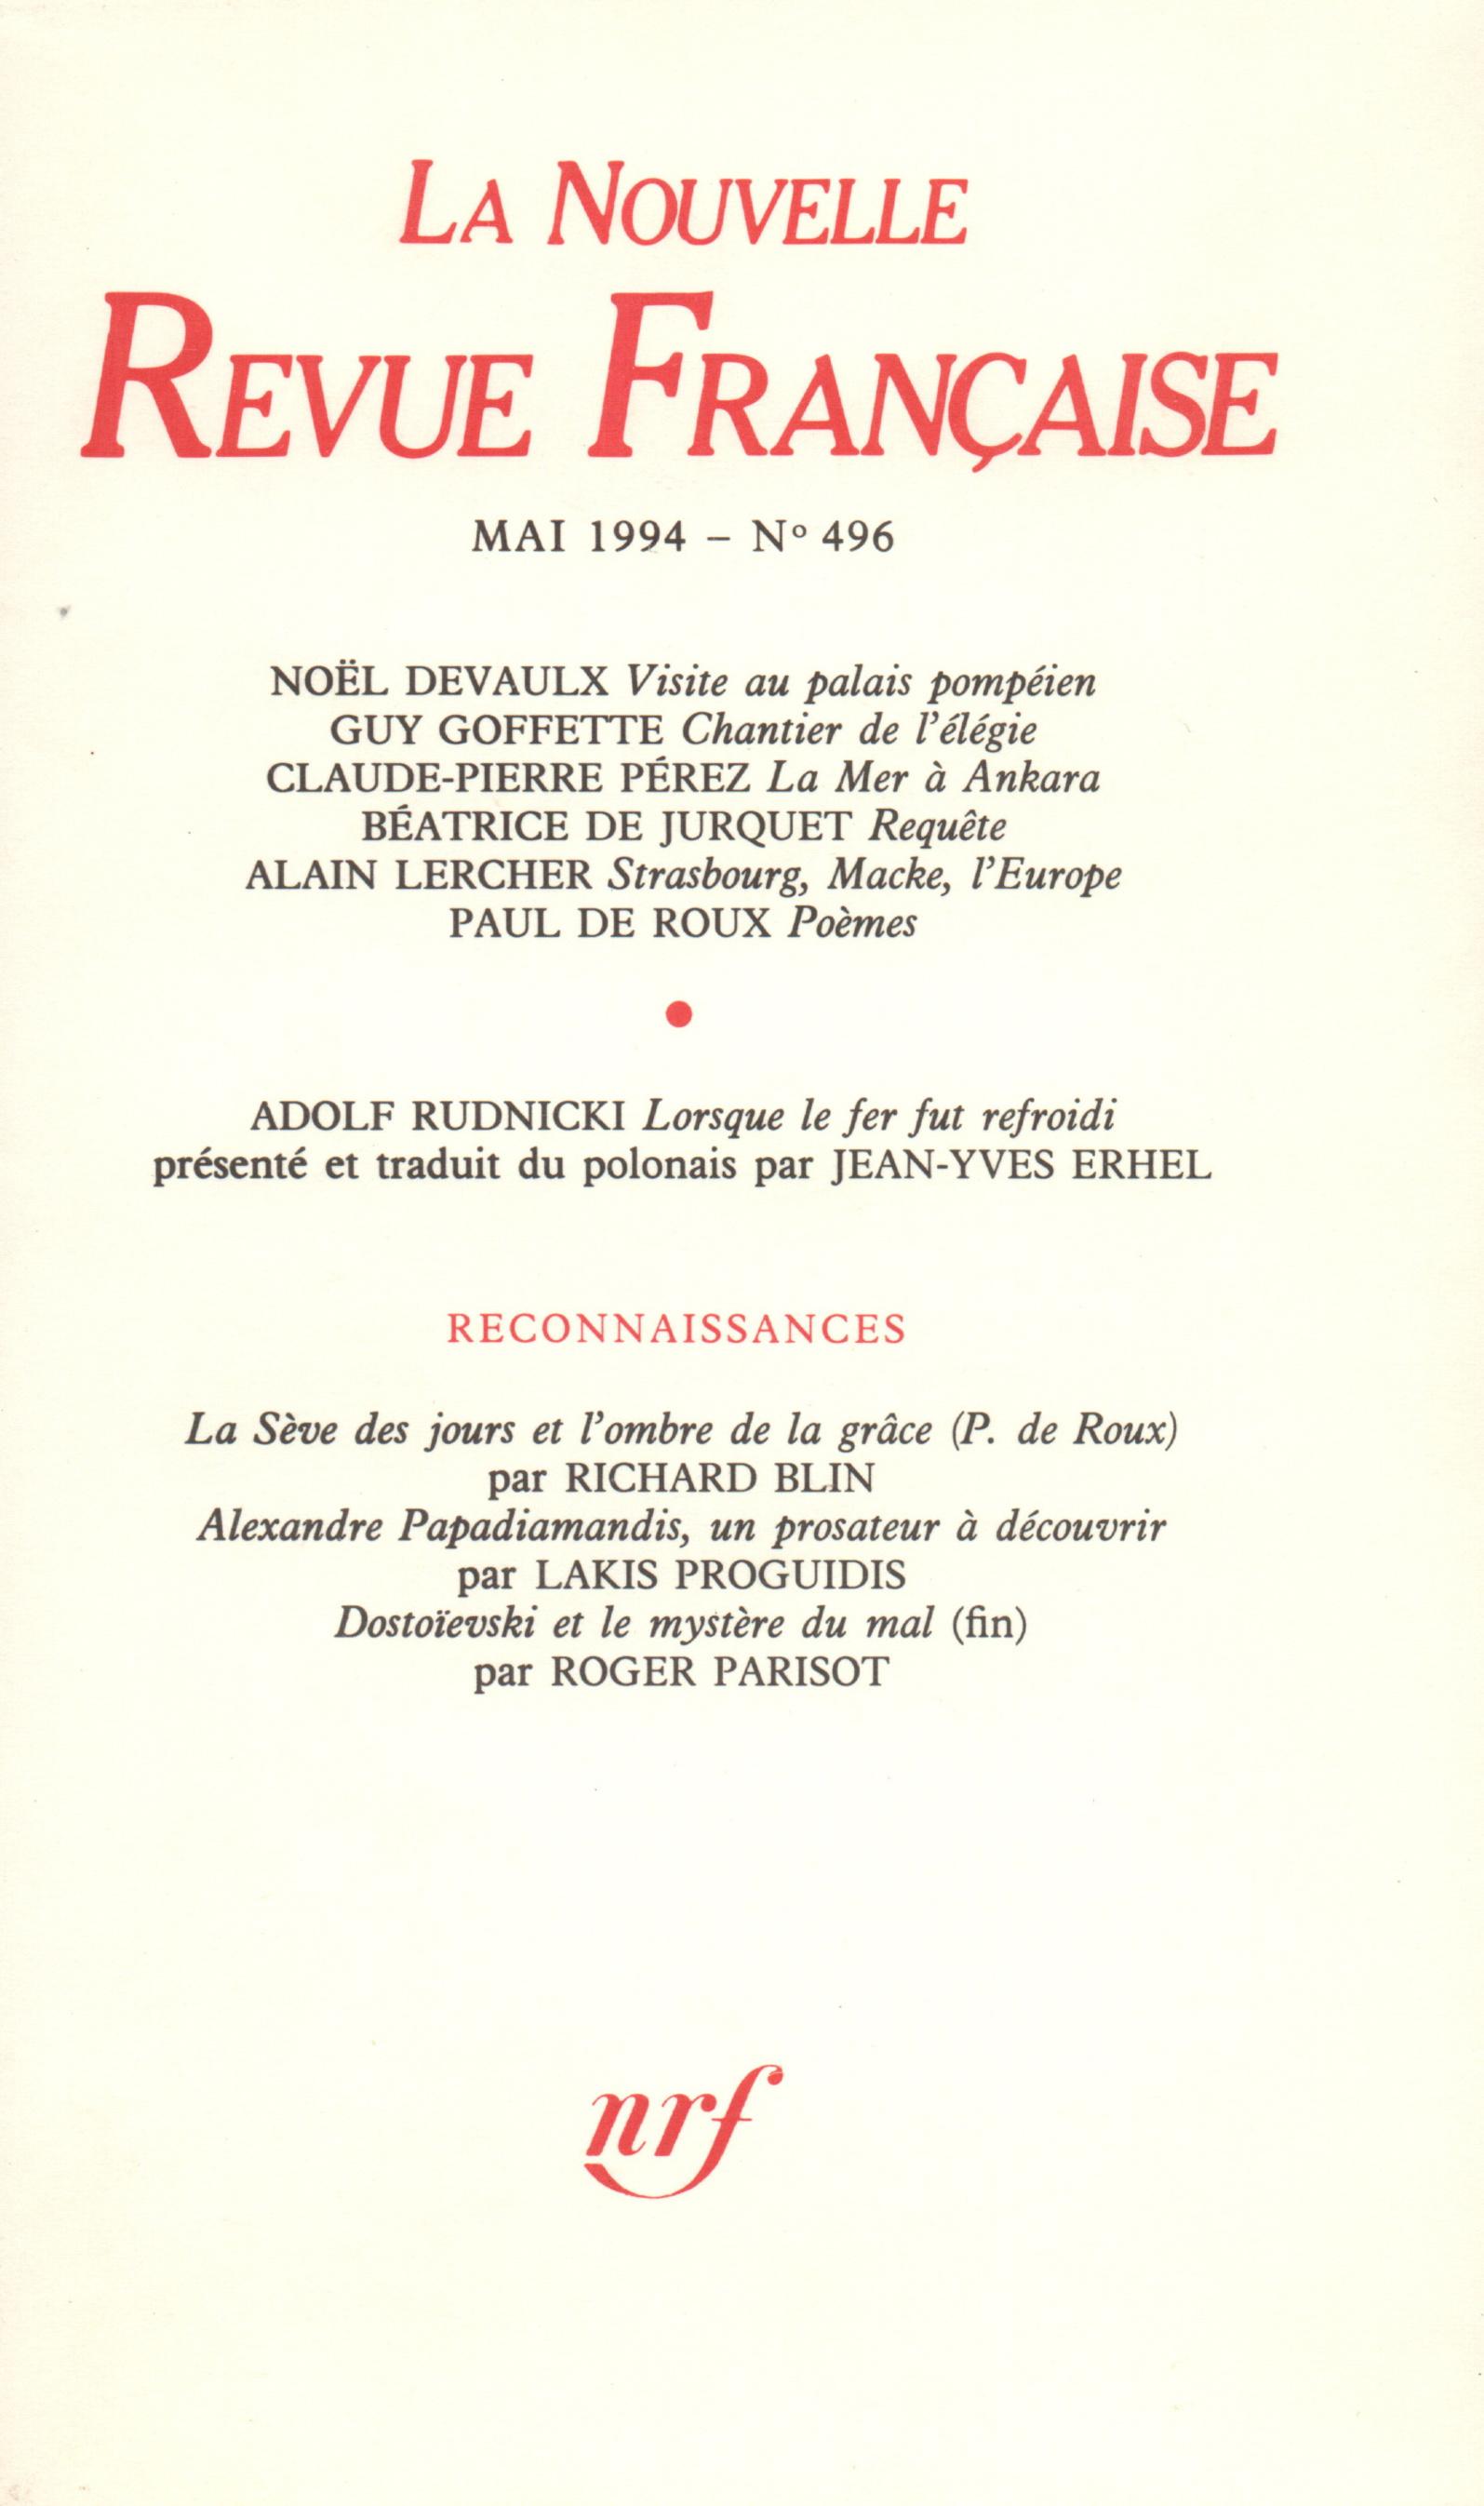 La Nouvelle Revue Française N° 496